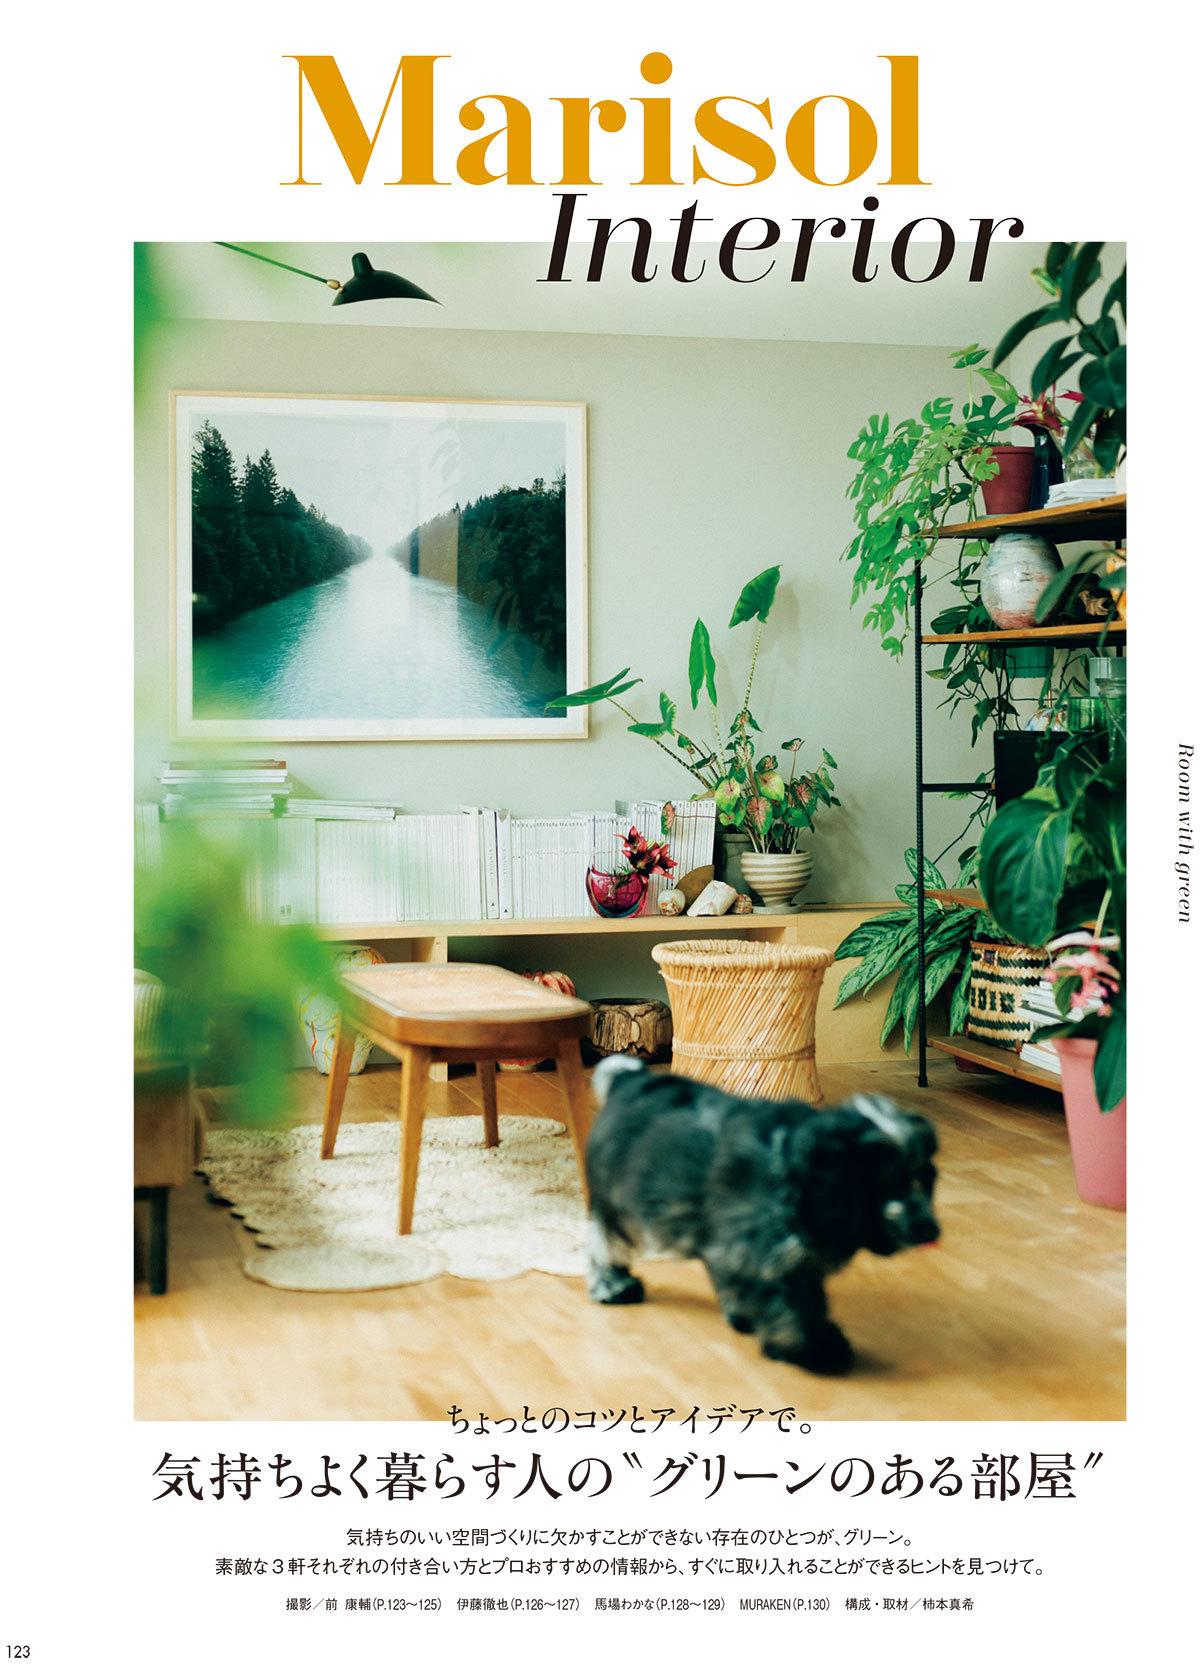 ちょっとのコツとアイデアで。 気持ちよく暮らす人の〝グリーンのある部屋〞